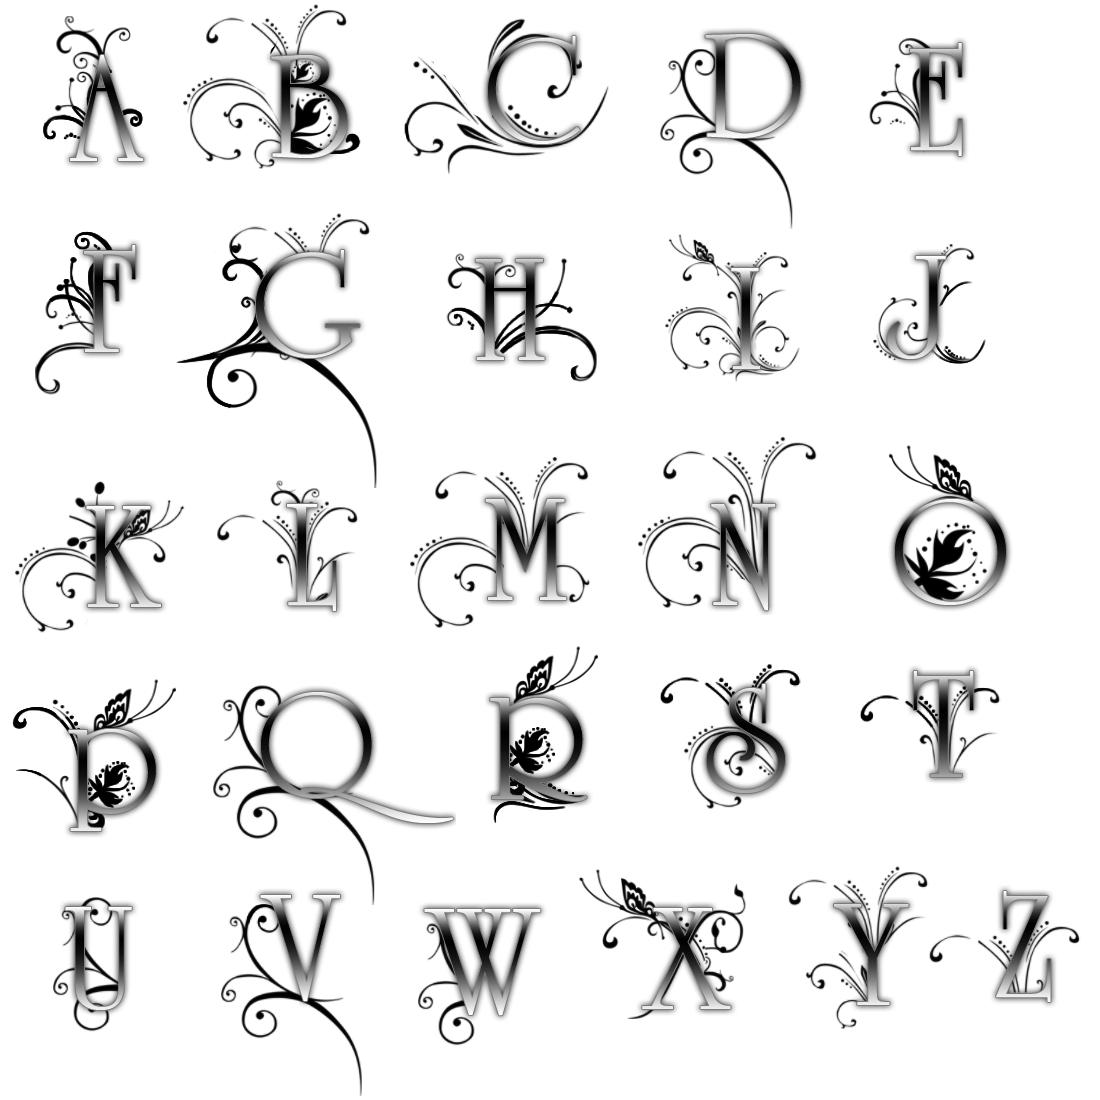 Tatuajes Para Imprimir Una Amplia Gama De Tatuajes Abarcando - Letras-para-tatuar